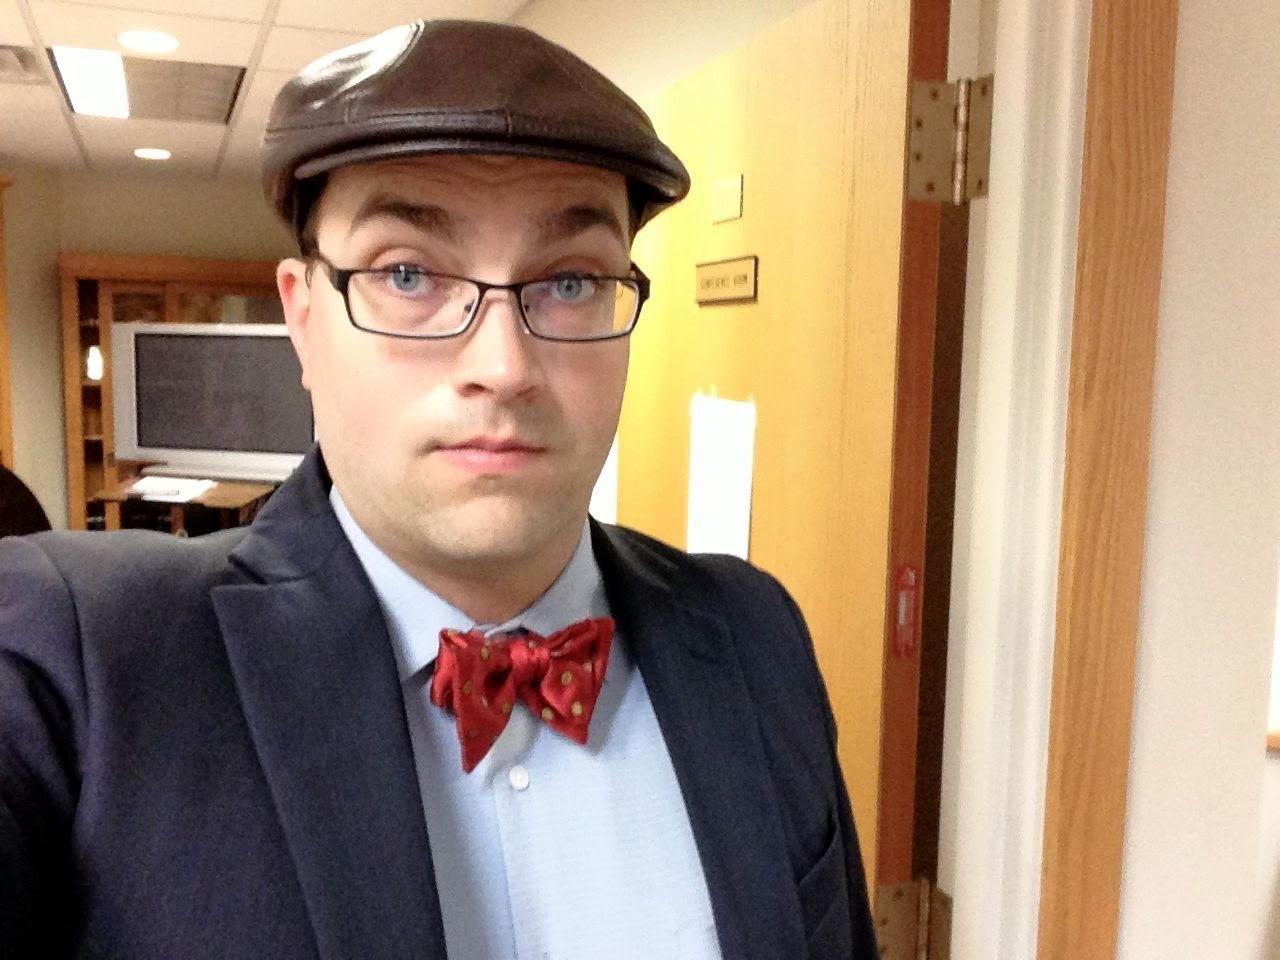 Dr. Shane Tilton